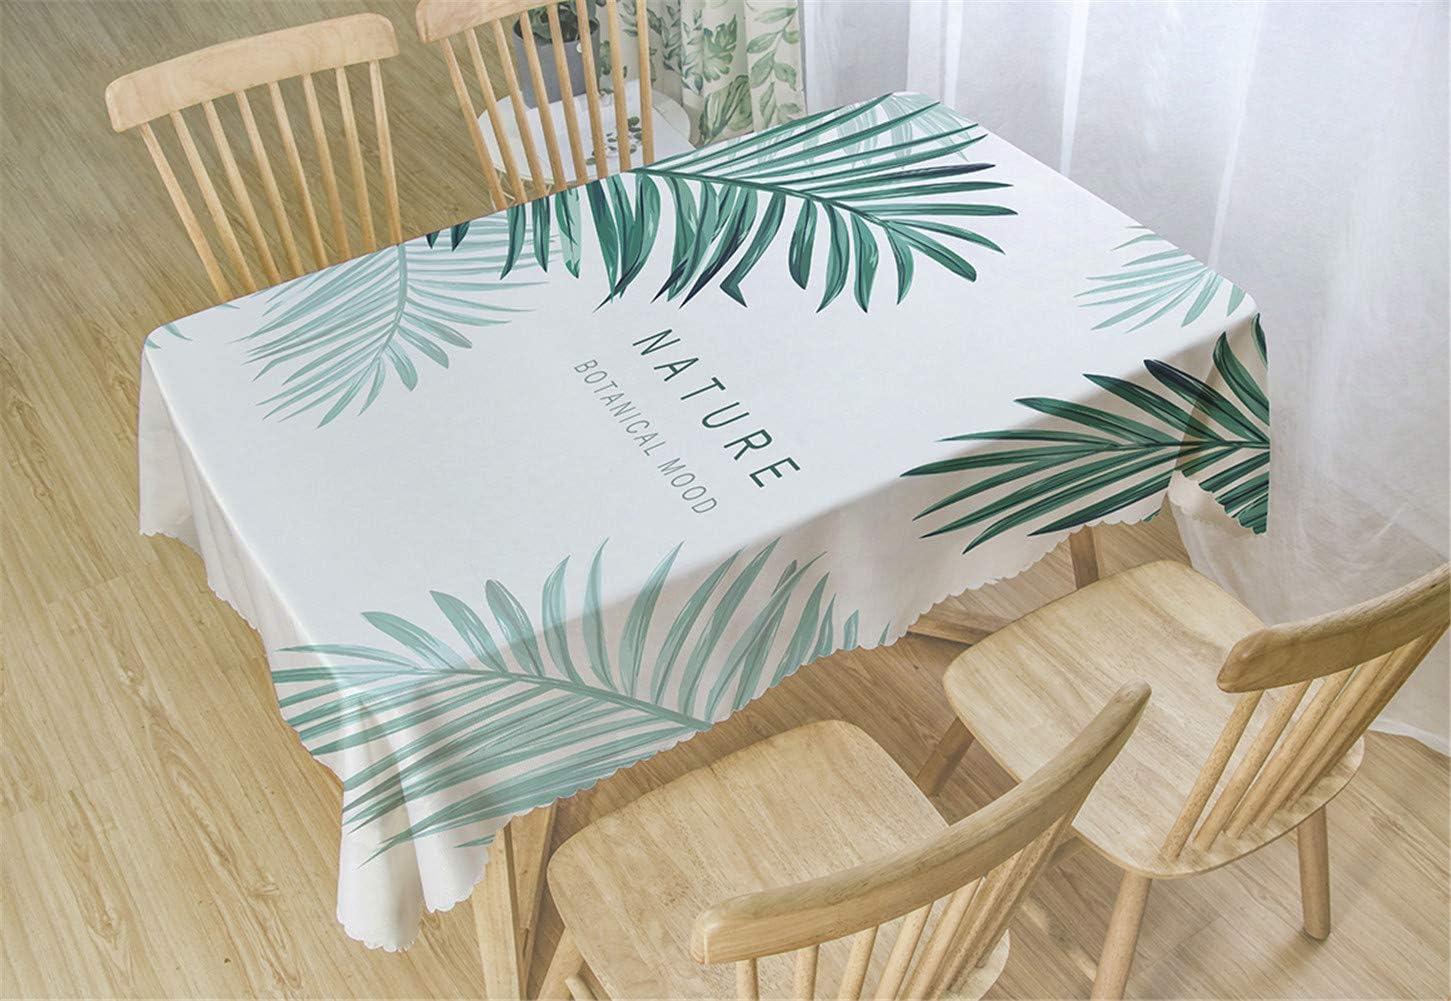 Chickwin Manteles Antimanchas Poli/éster Mantel para Mesa Rectangular de Cocina Mantel Antimanchas Transpirable,Restaurante Cocina 80x120cm,Verde